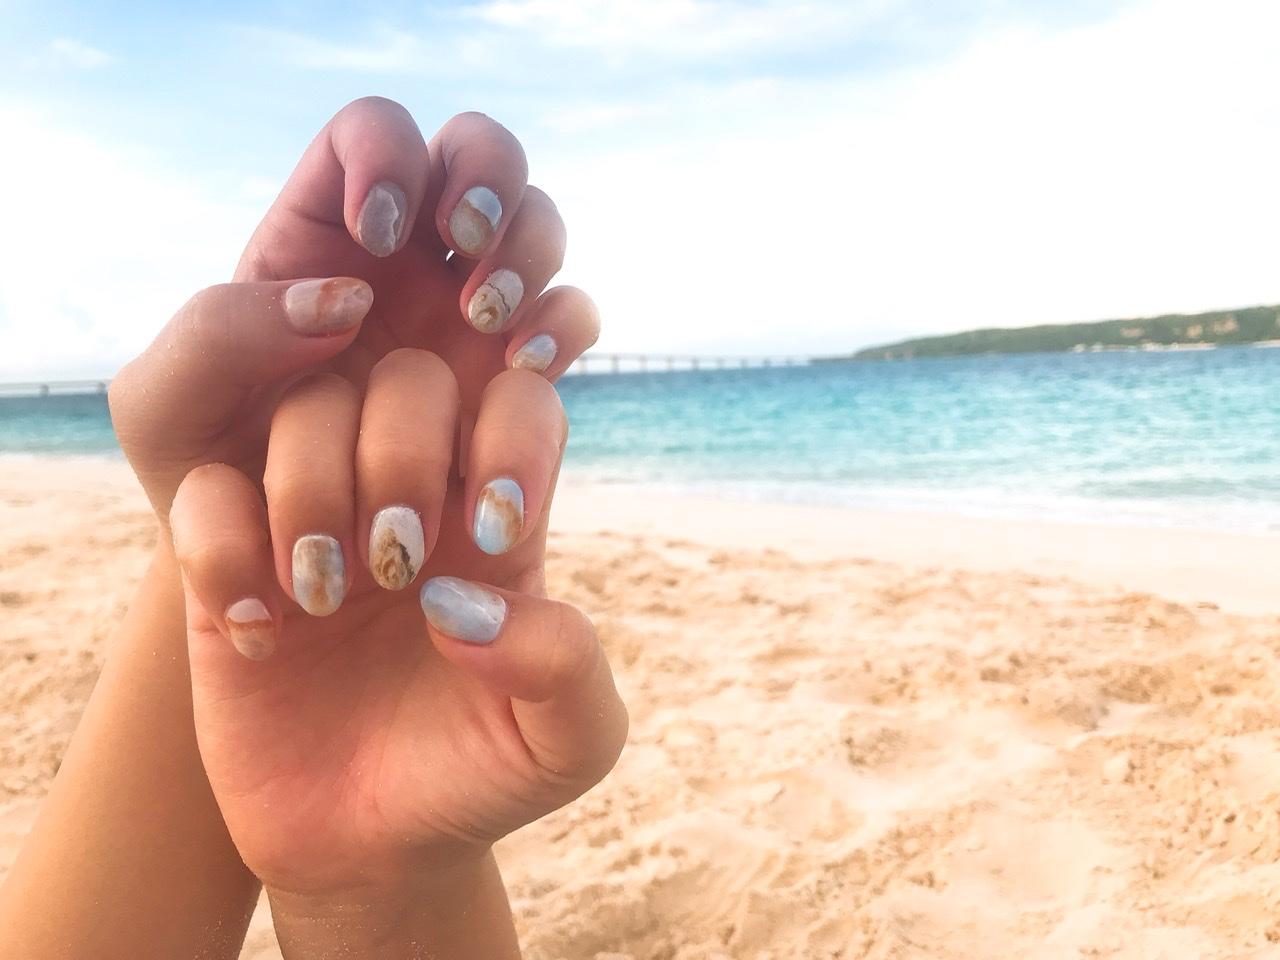 【夏ネイル・マニキュア】ビーチで映える夏にぴったり砂浜ネイル_1